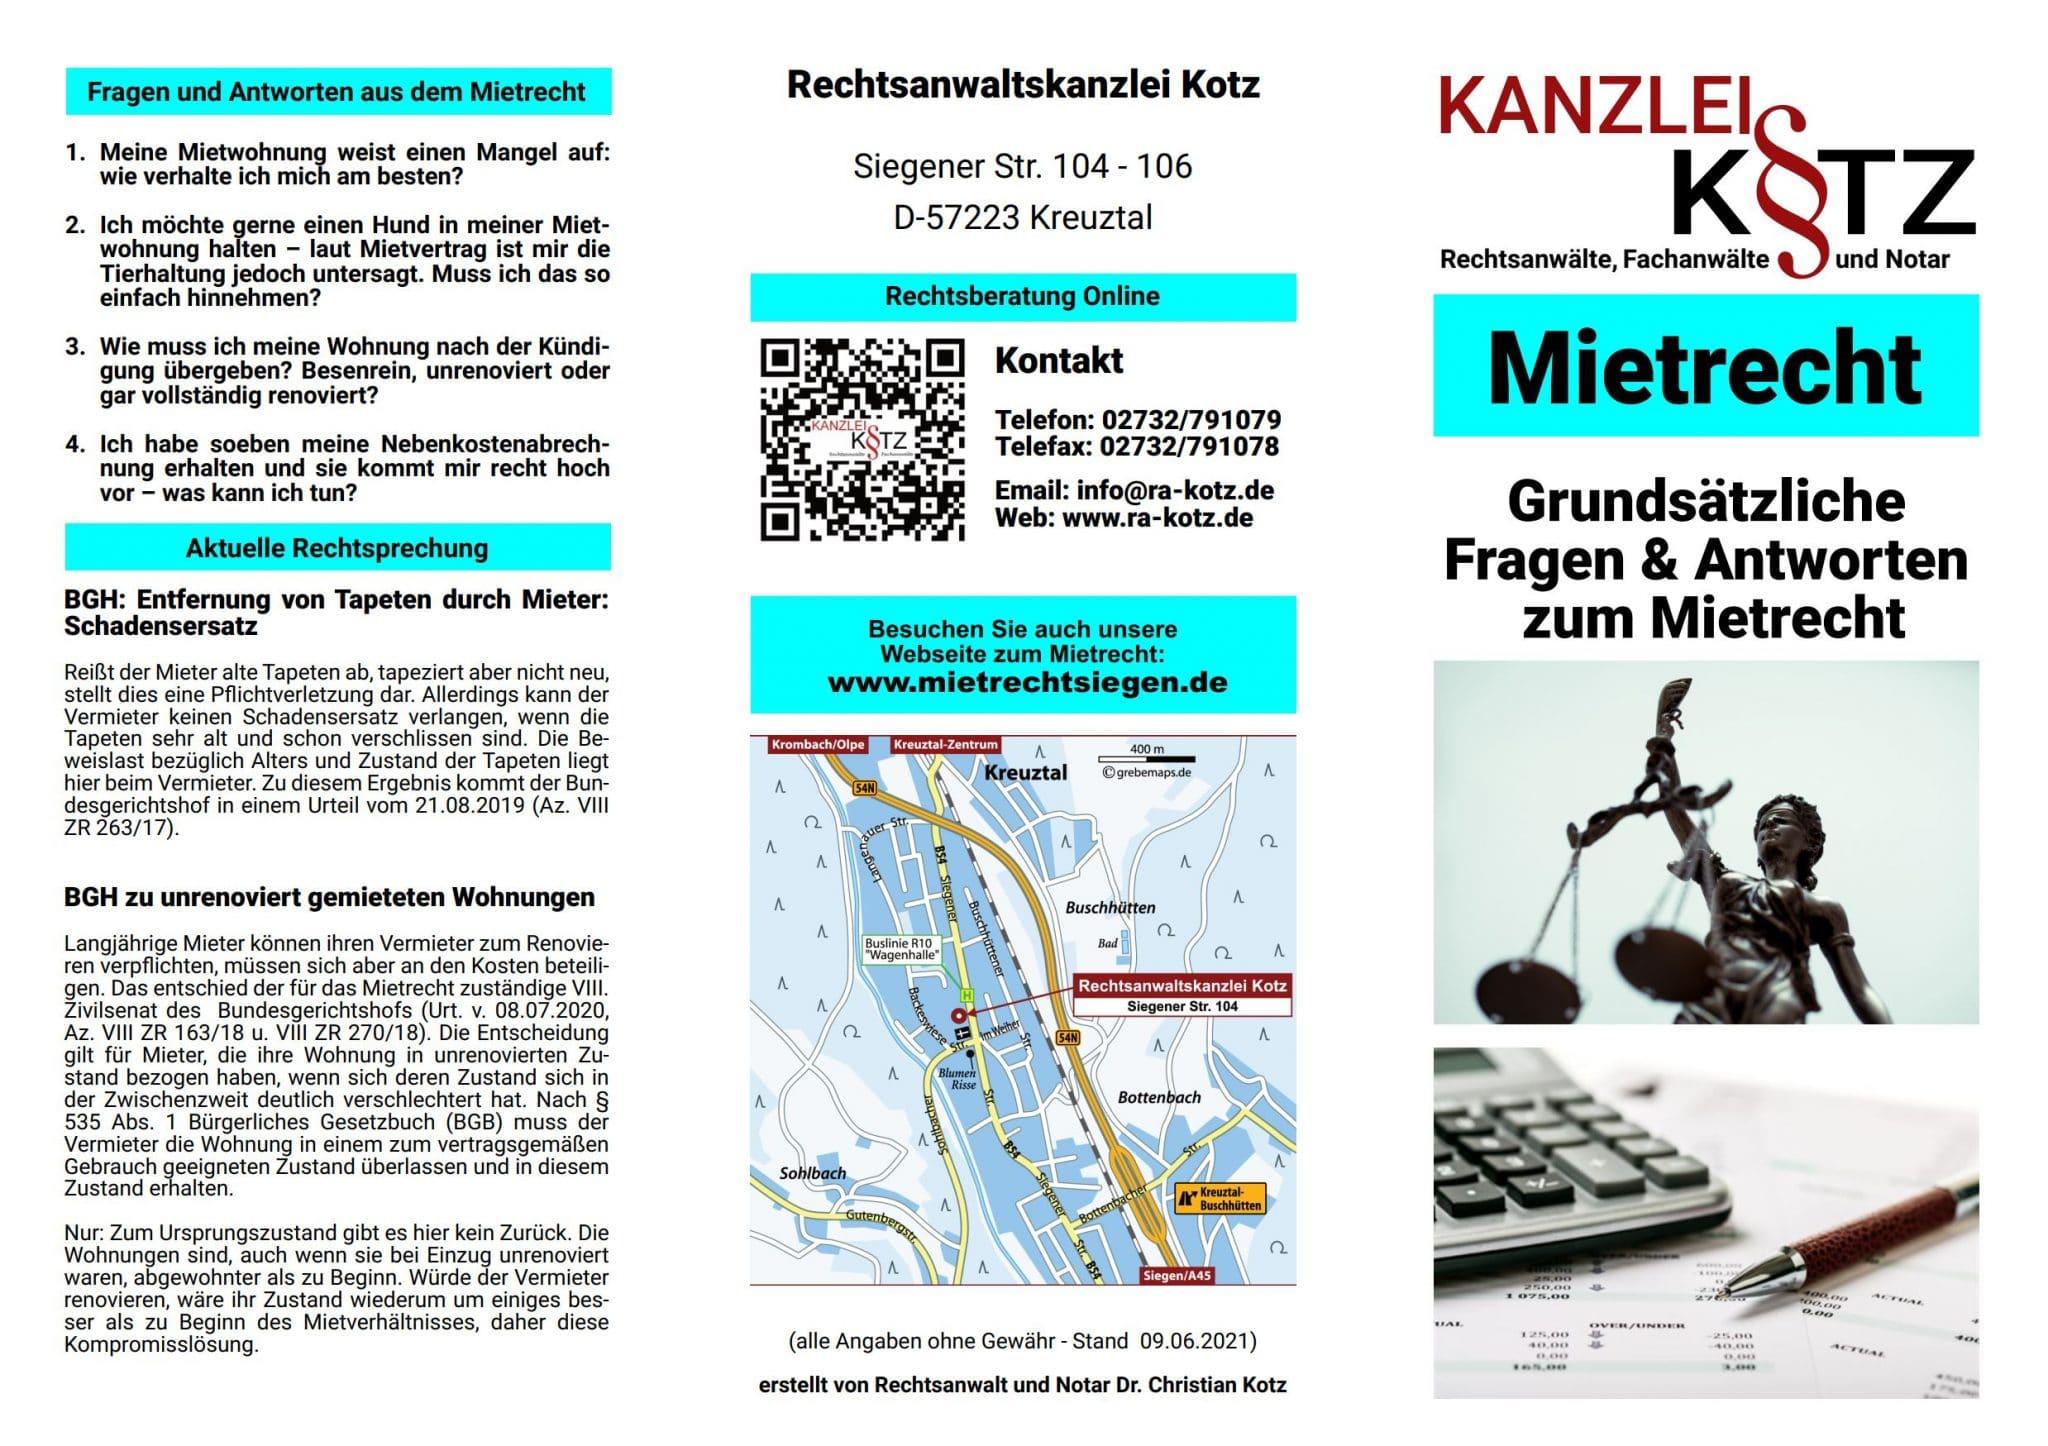 Mietrechr Broschüre 2021